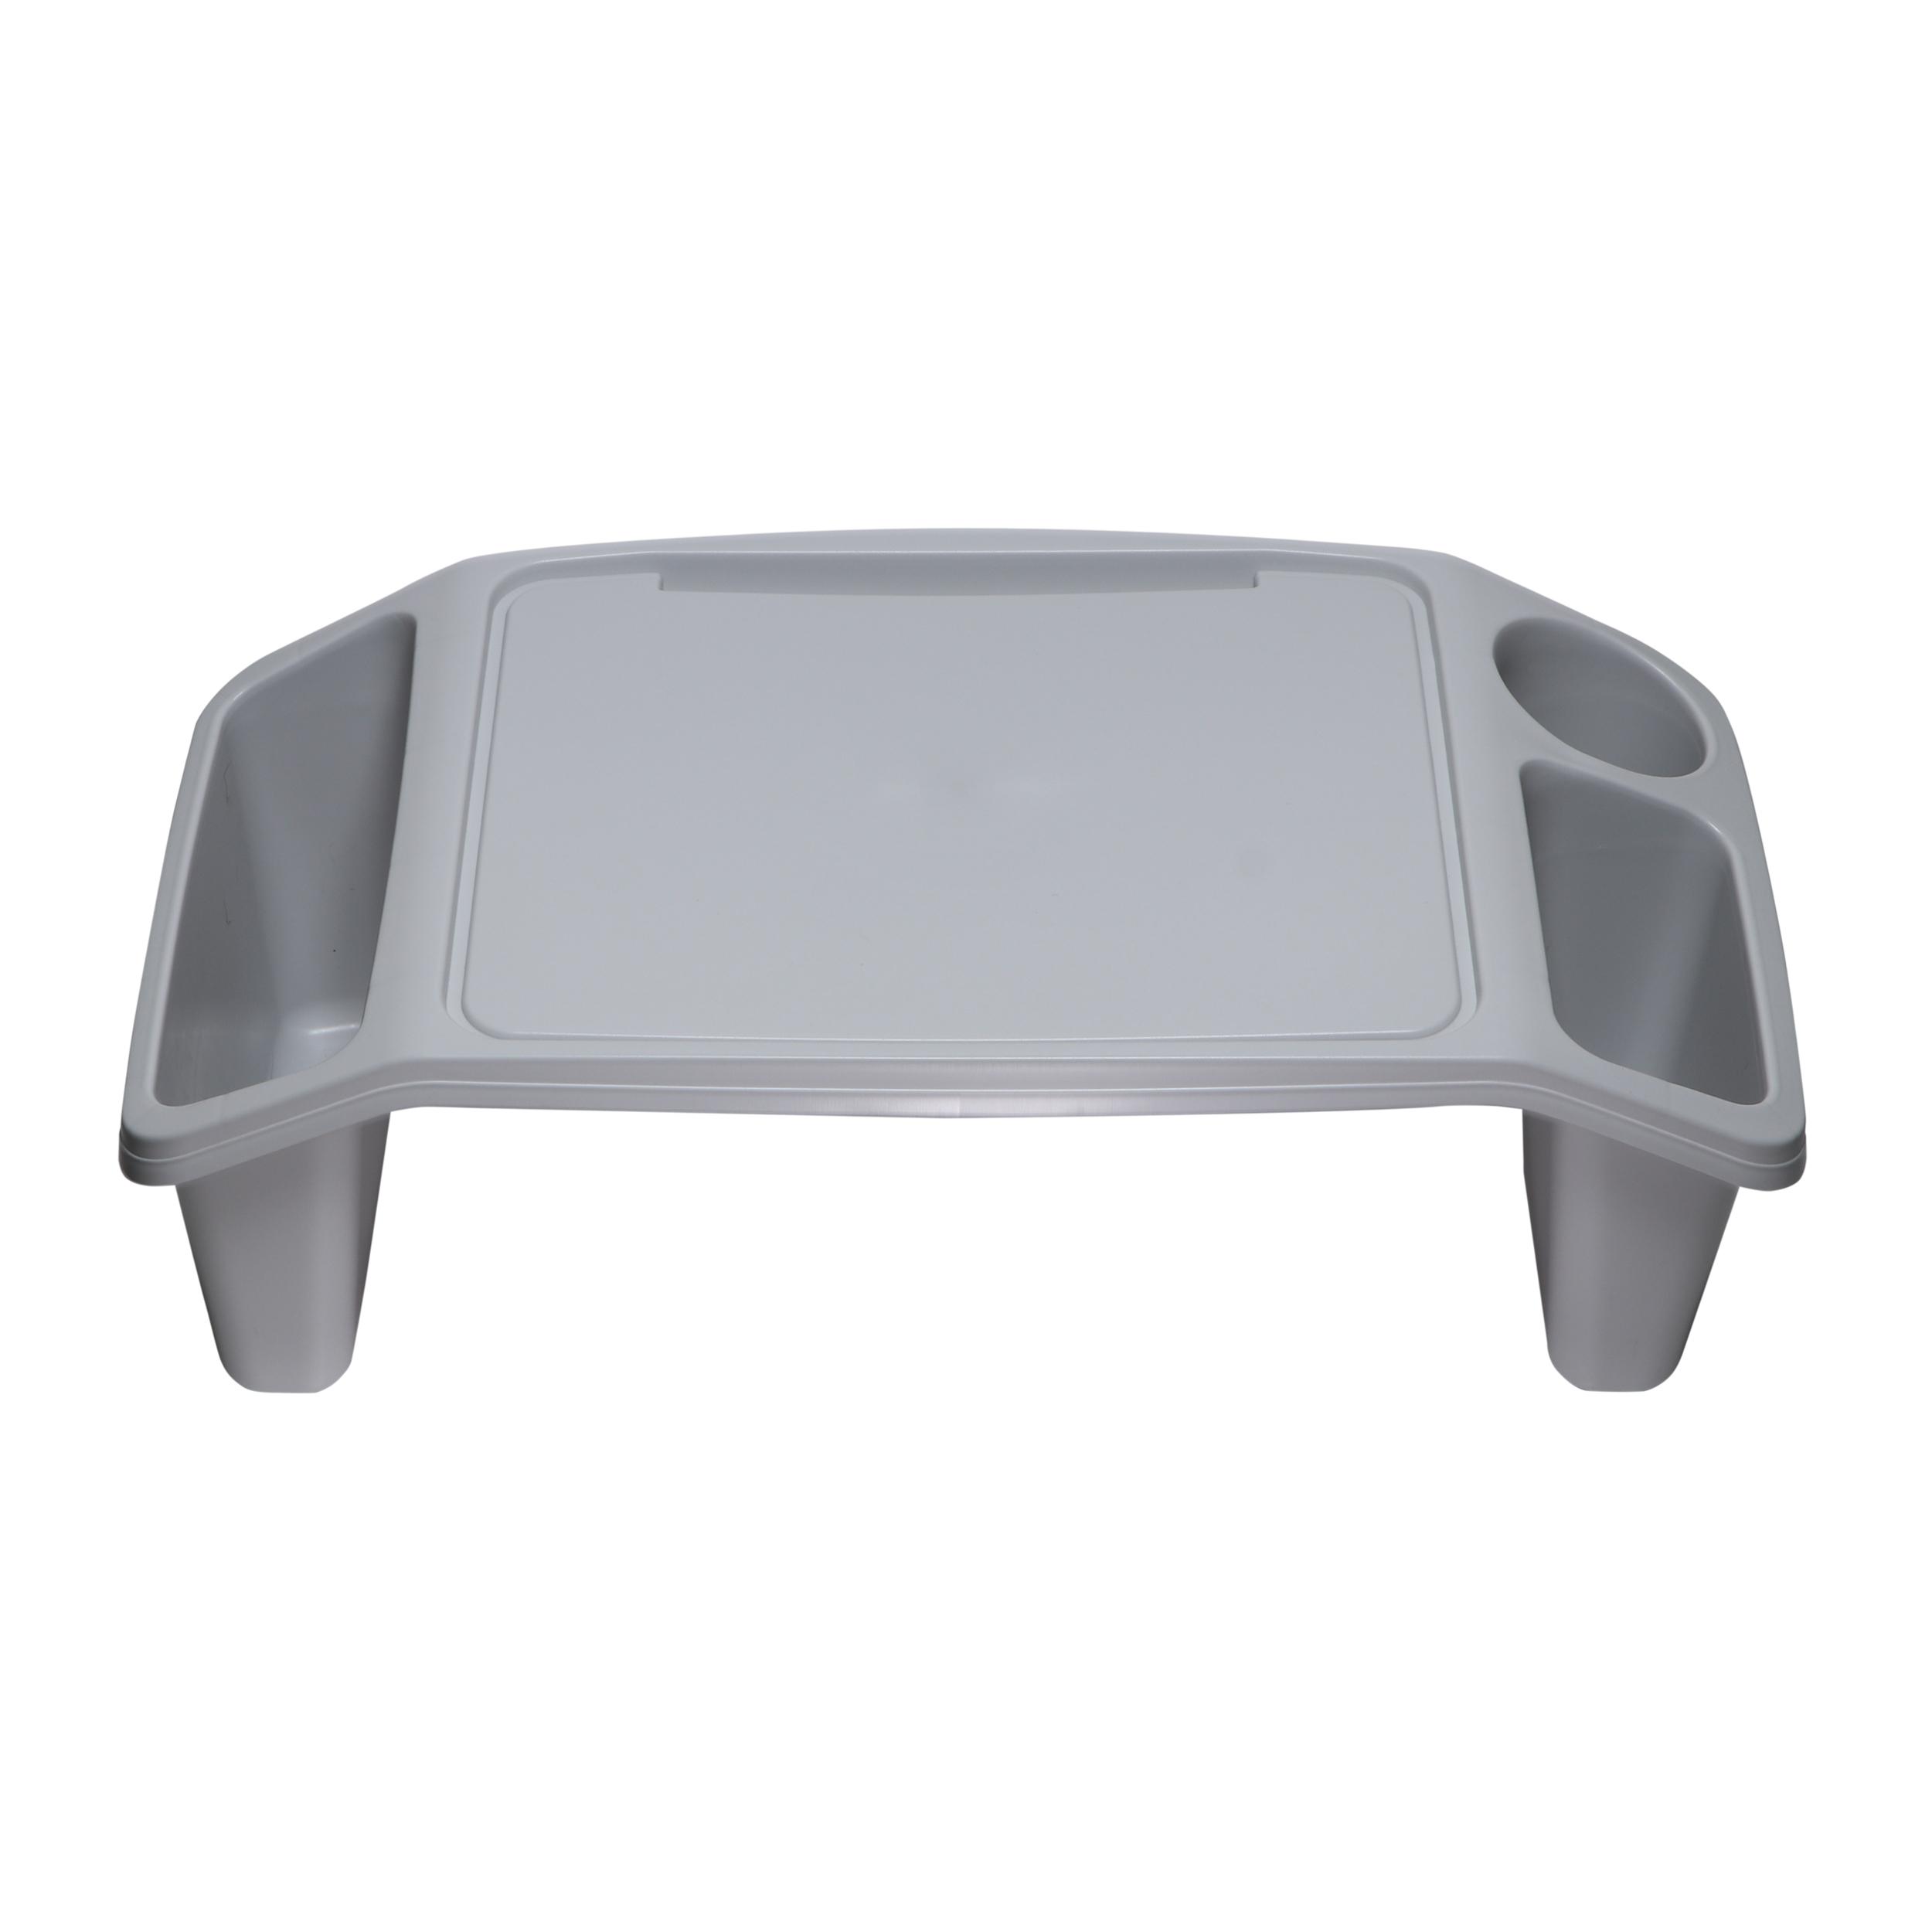 پایه نگهدارنده لپ تاپ  مدل T01